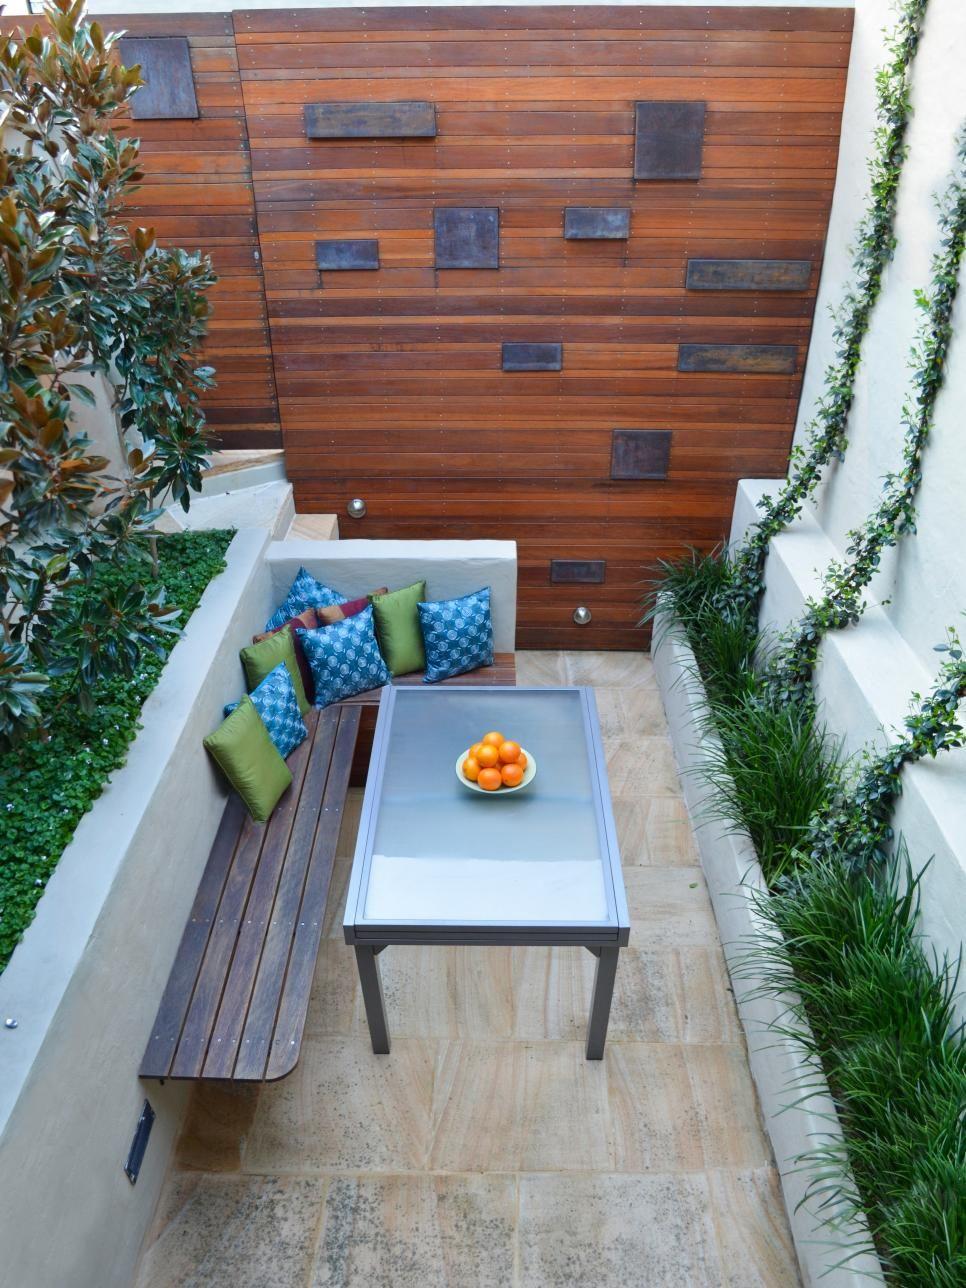 Pictures and Tips for Small Patios | Terrazas, Patios y Mesa de jardín